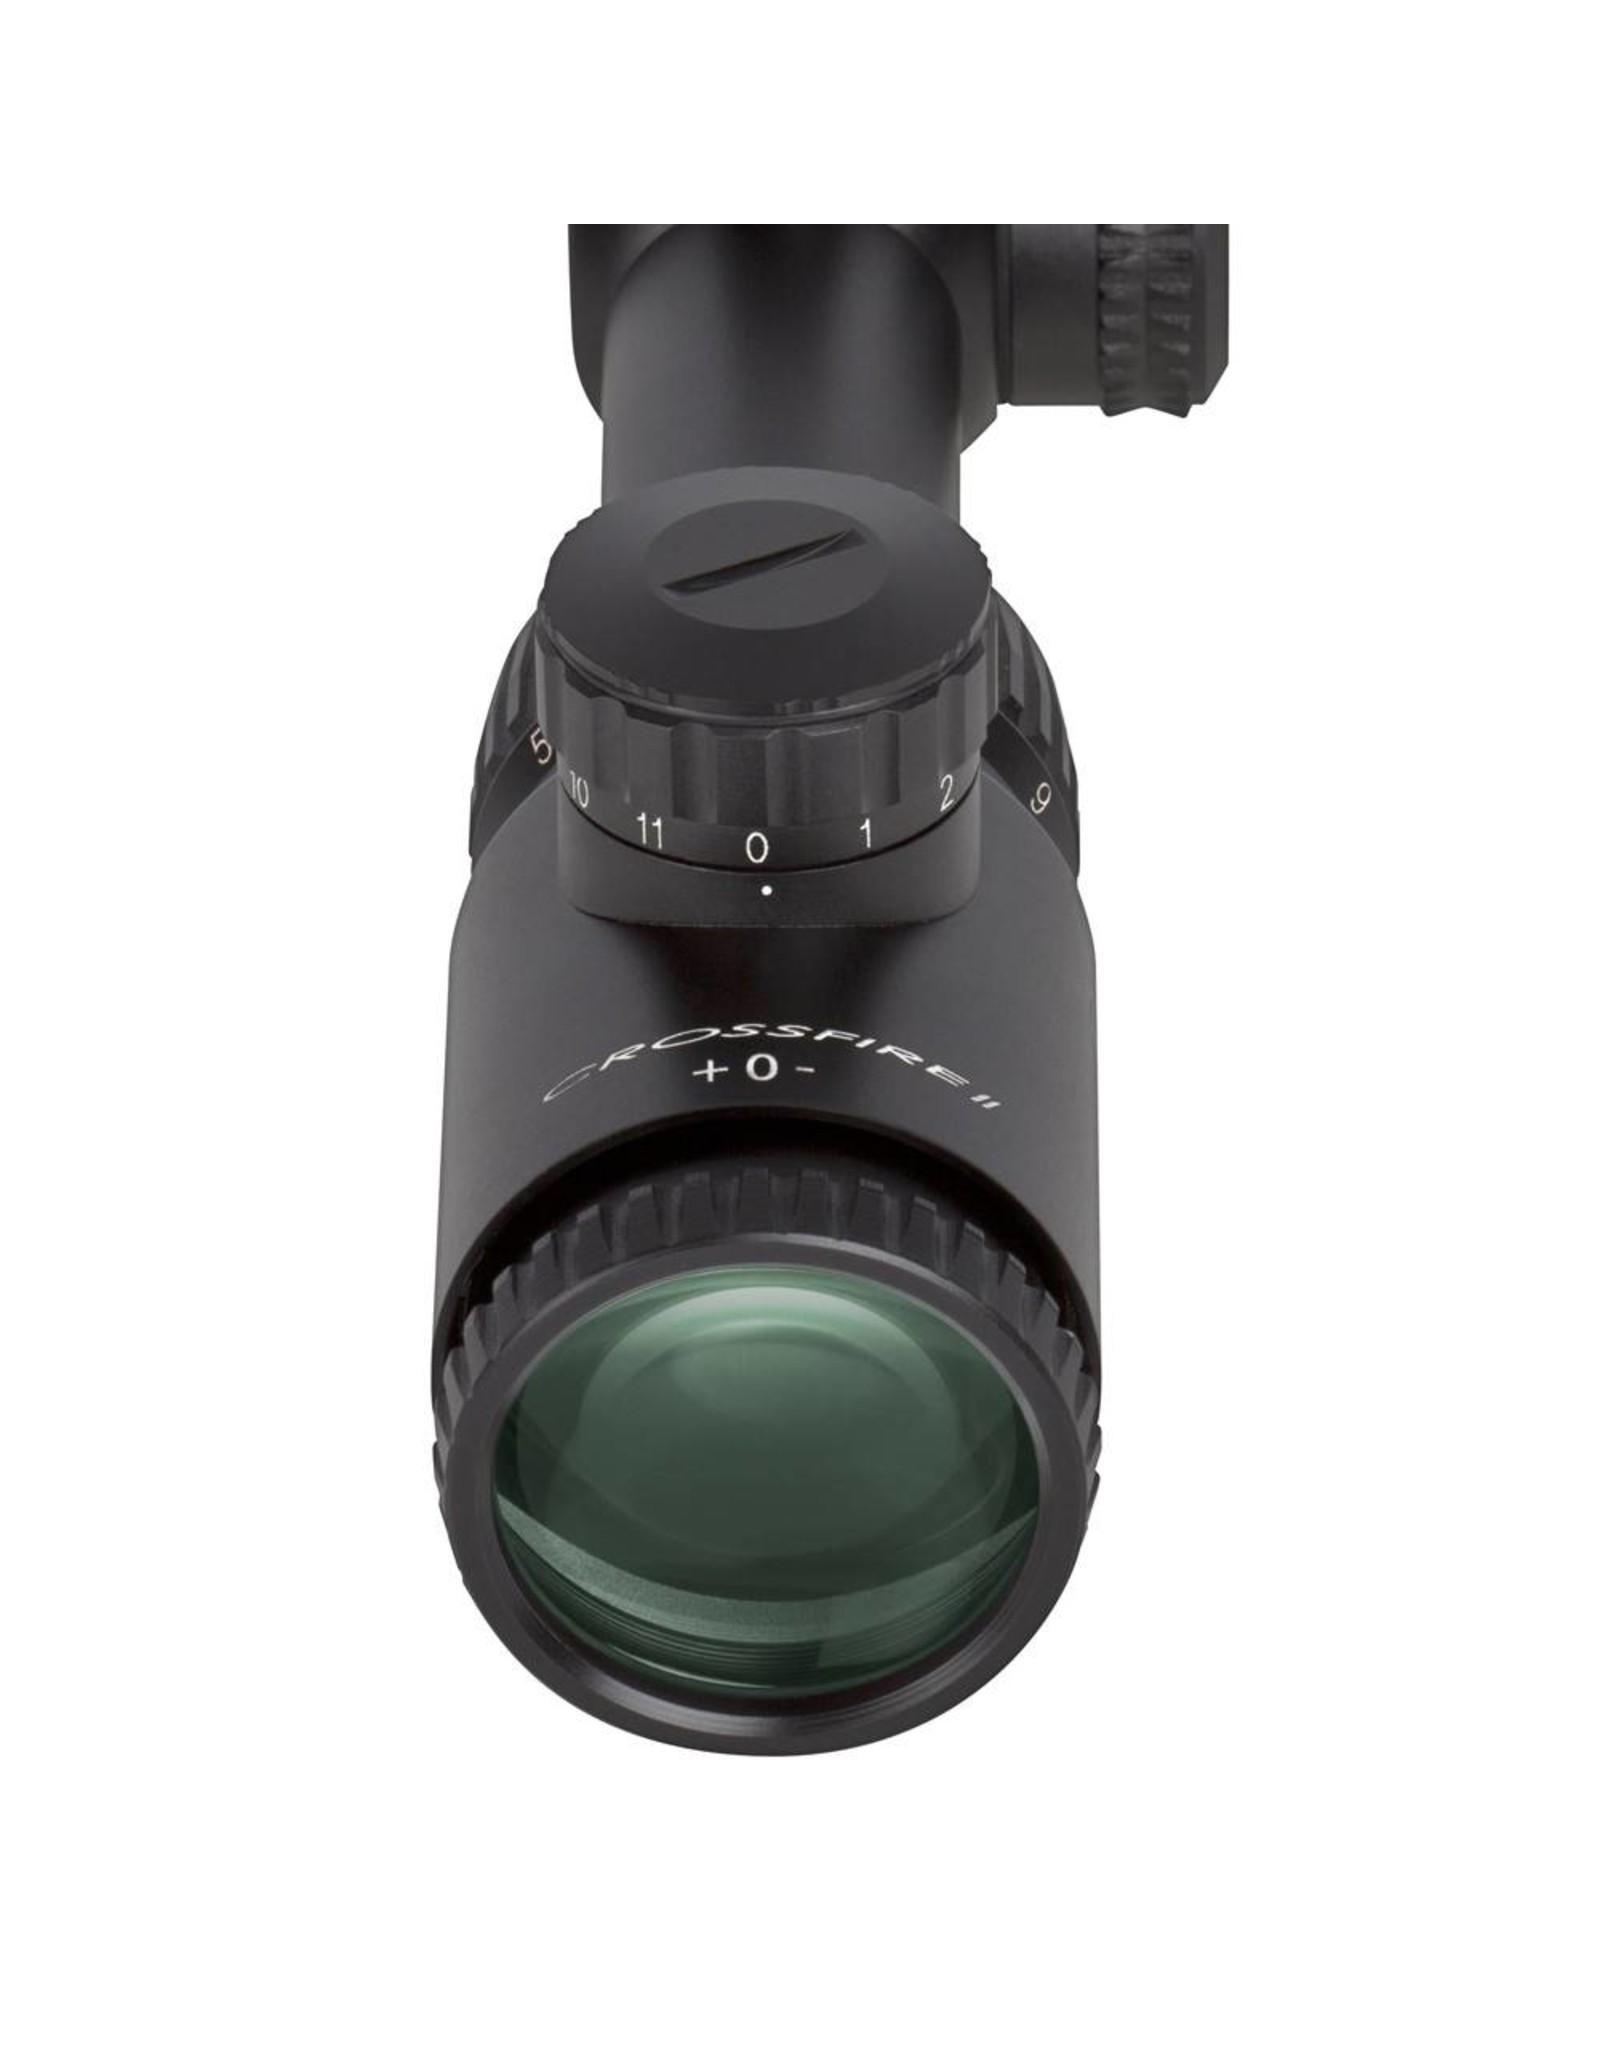 Vortex Vortex Crossfire II 3-9x40 Riflescope (1-Inch) V-Brite